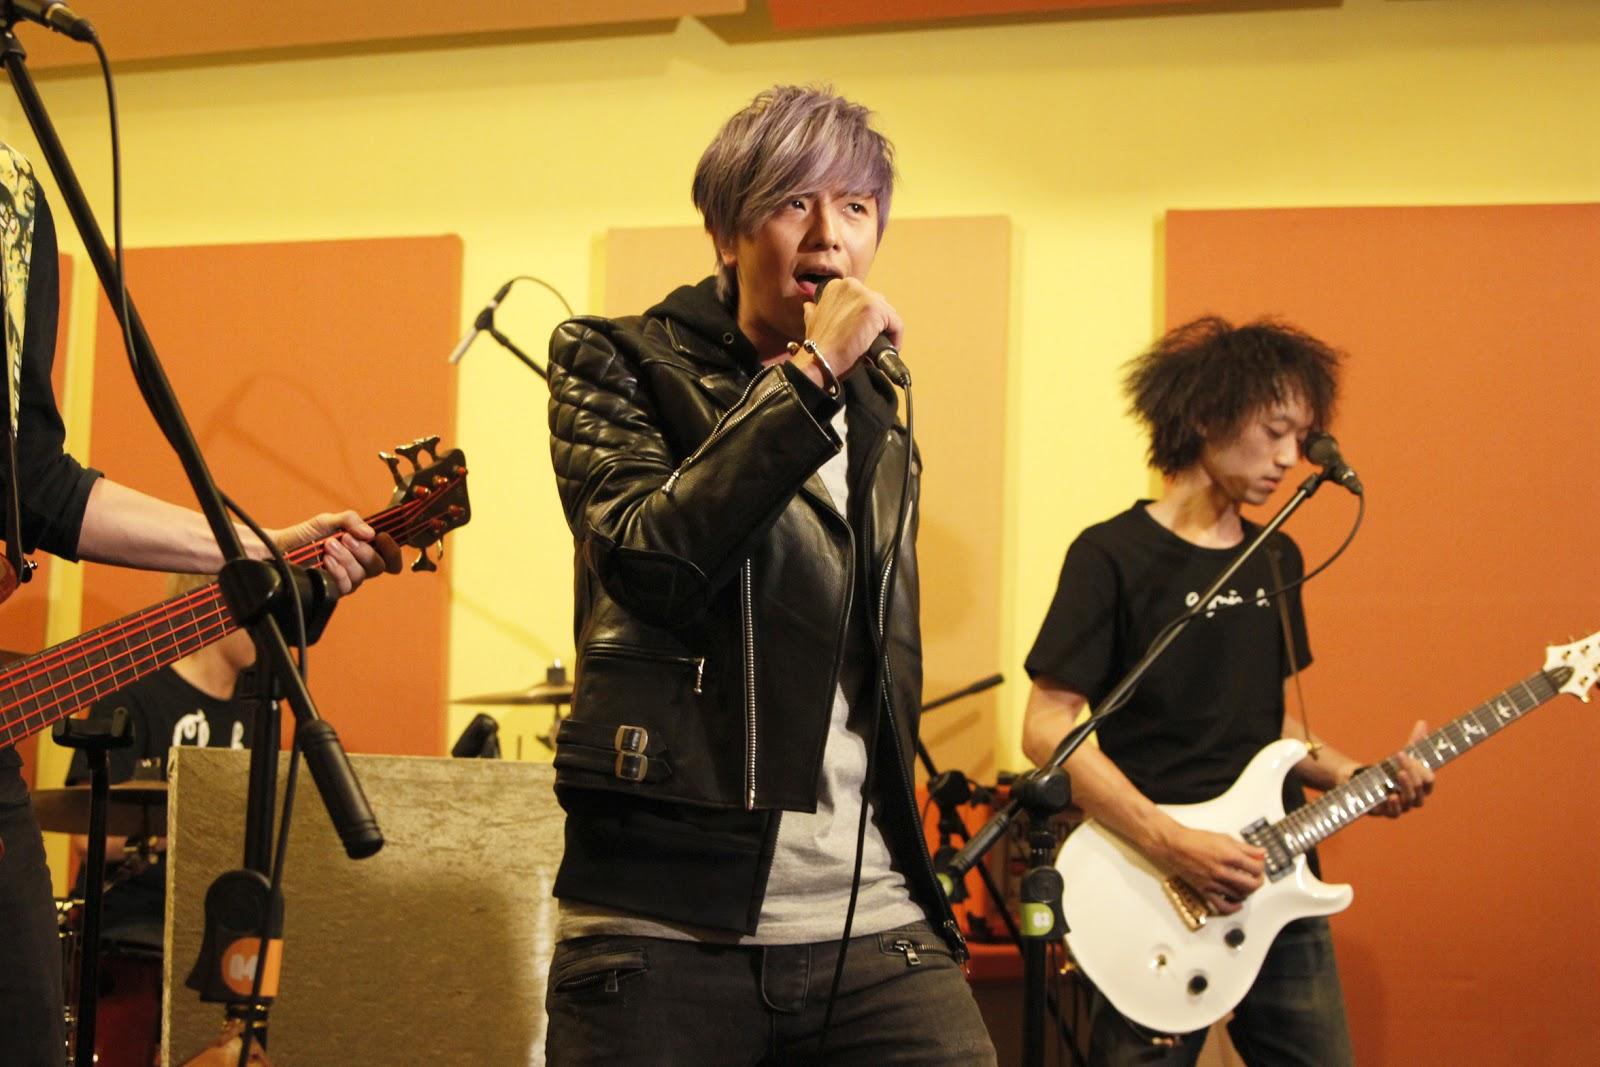 WoWoNews: 黃鴻升「夜王」搖滾熱力全釋放 《漩渦》、《澀谷》震...  黃鴻升「夜王」搖